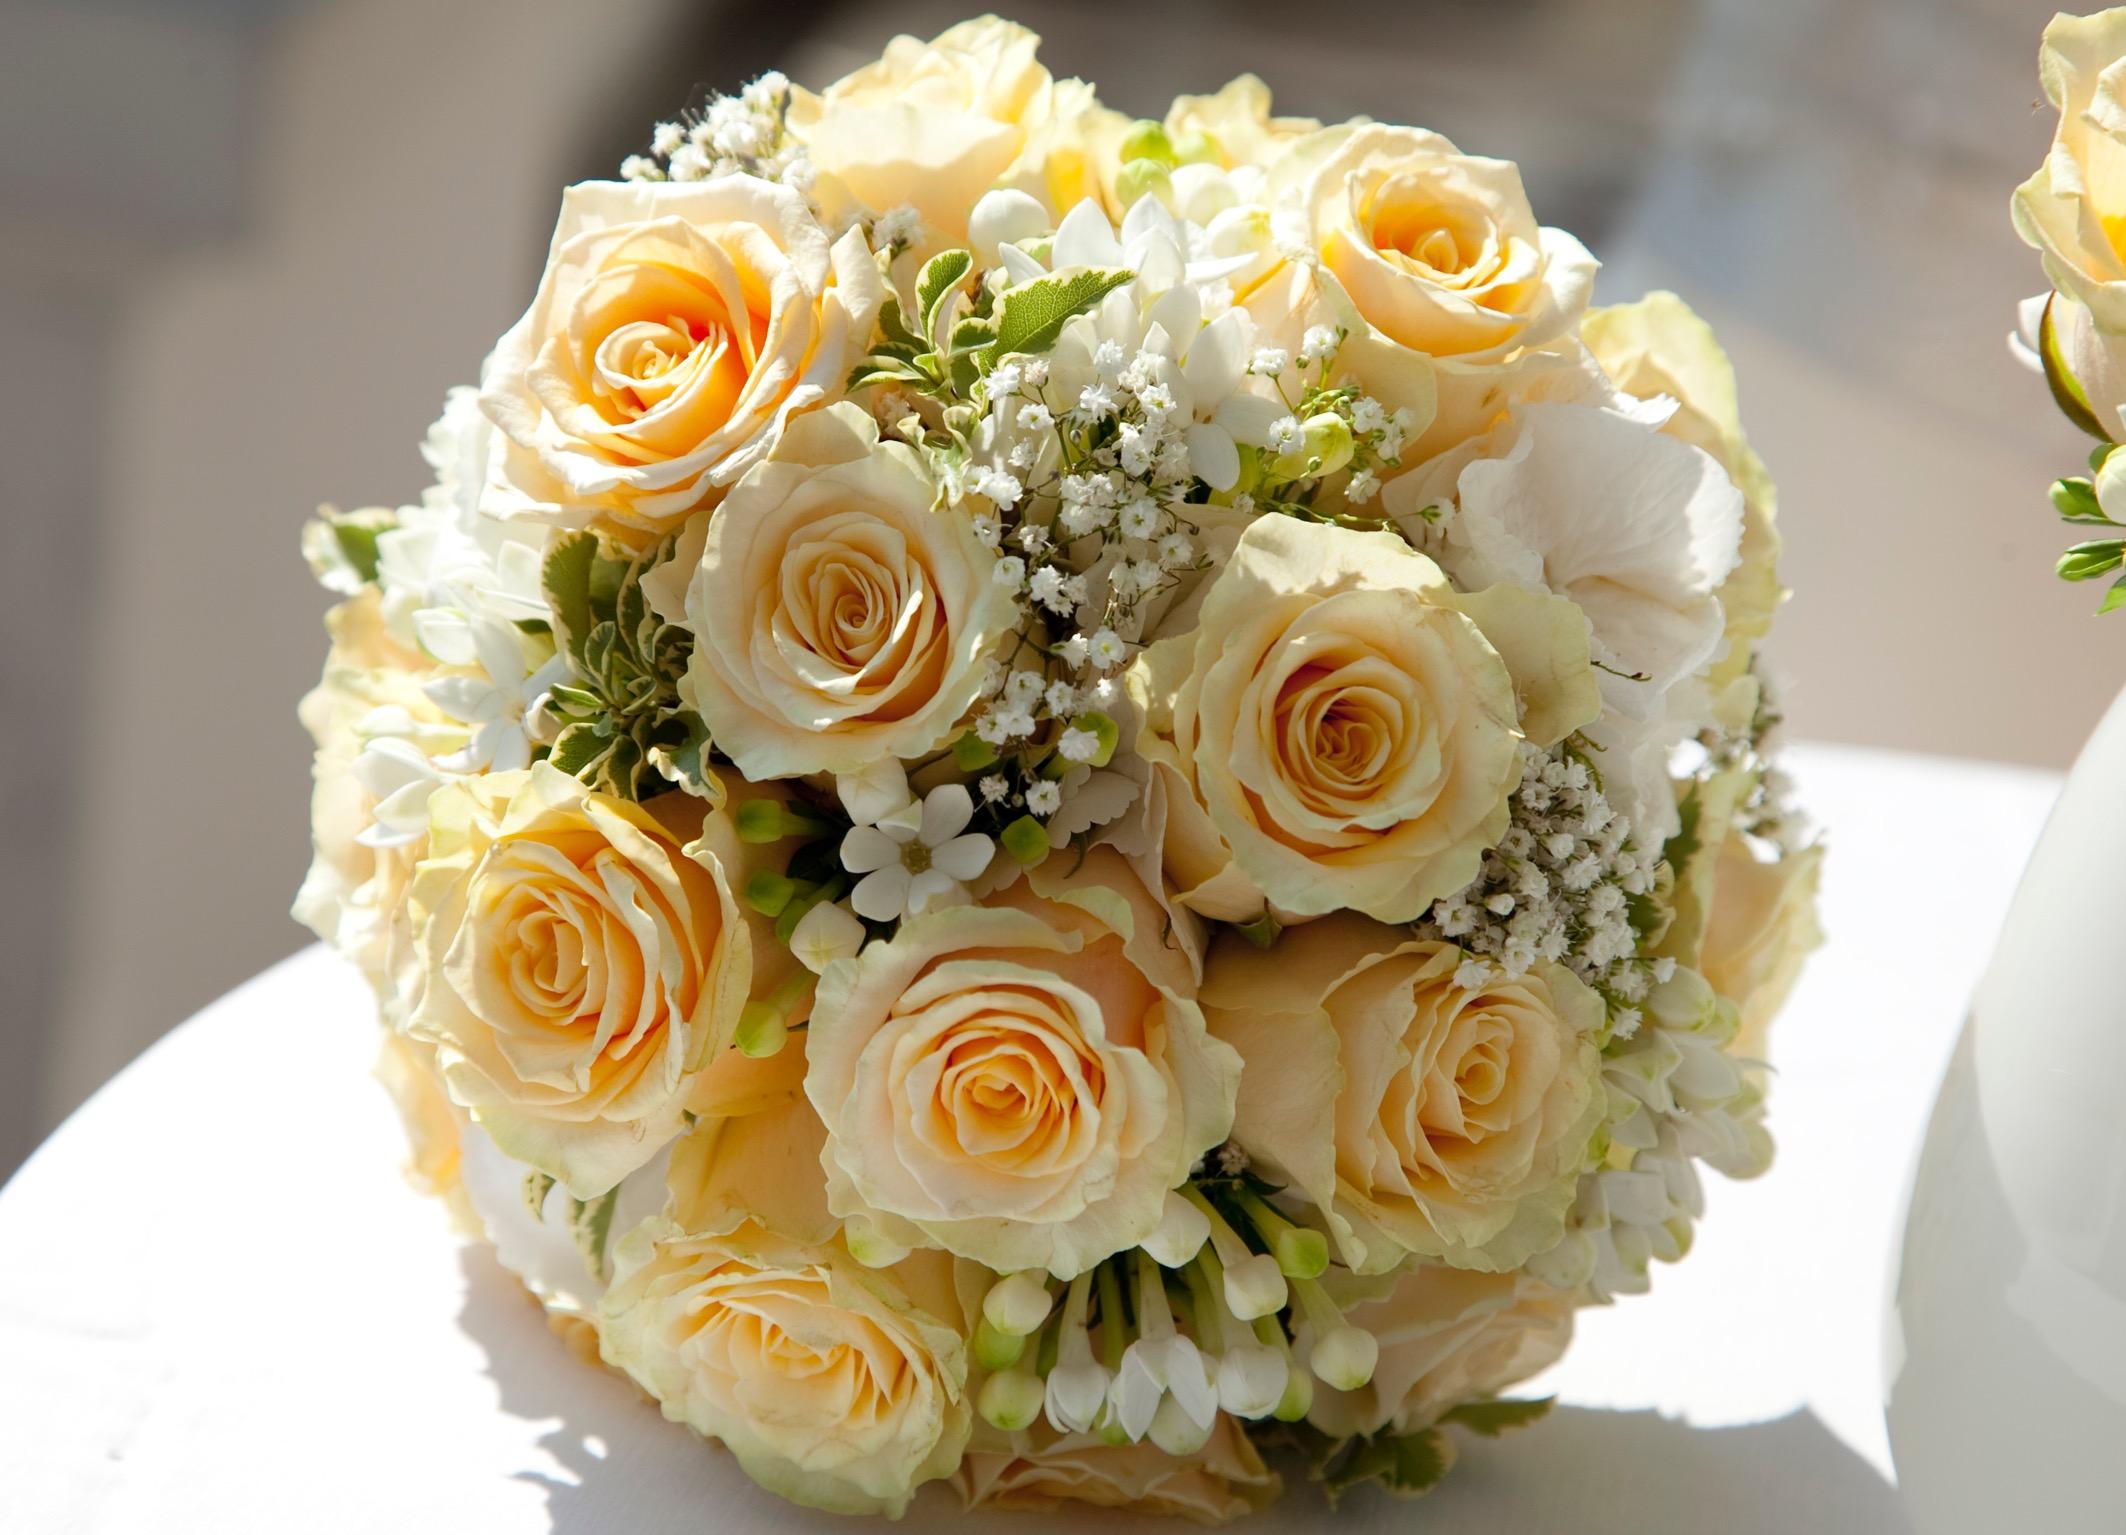 Hochzeitsfloristik Hochzeitsstrauss bestehend aus gelb orangen Rosen und kleineren weissen Blumen